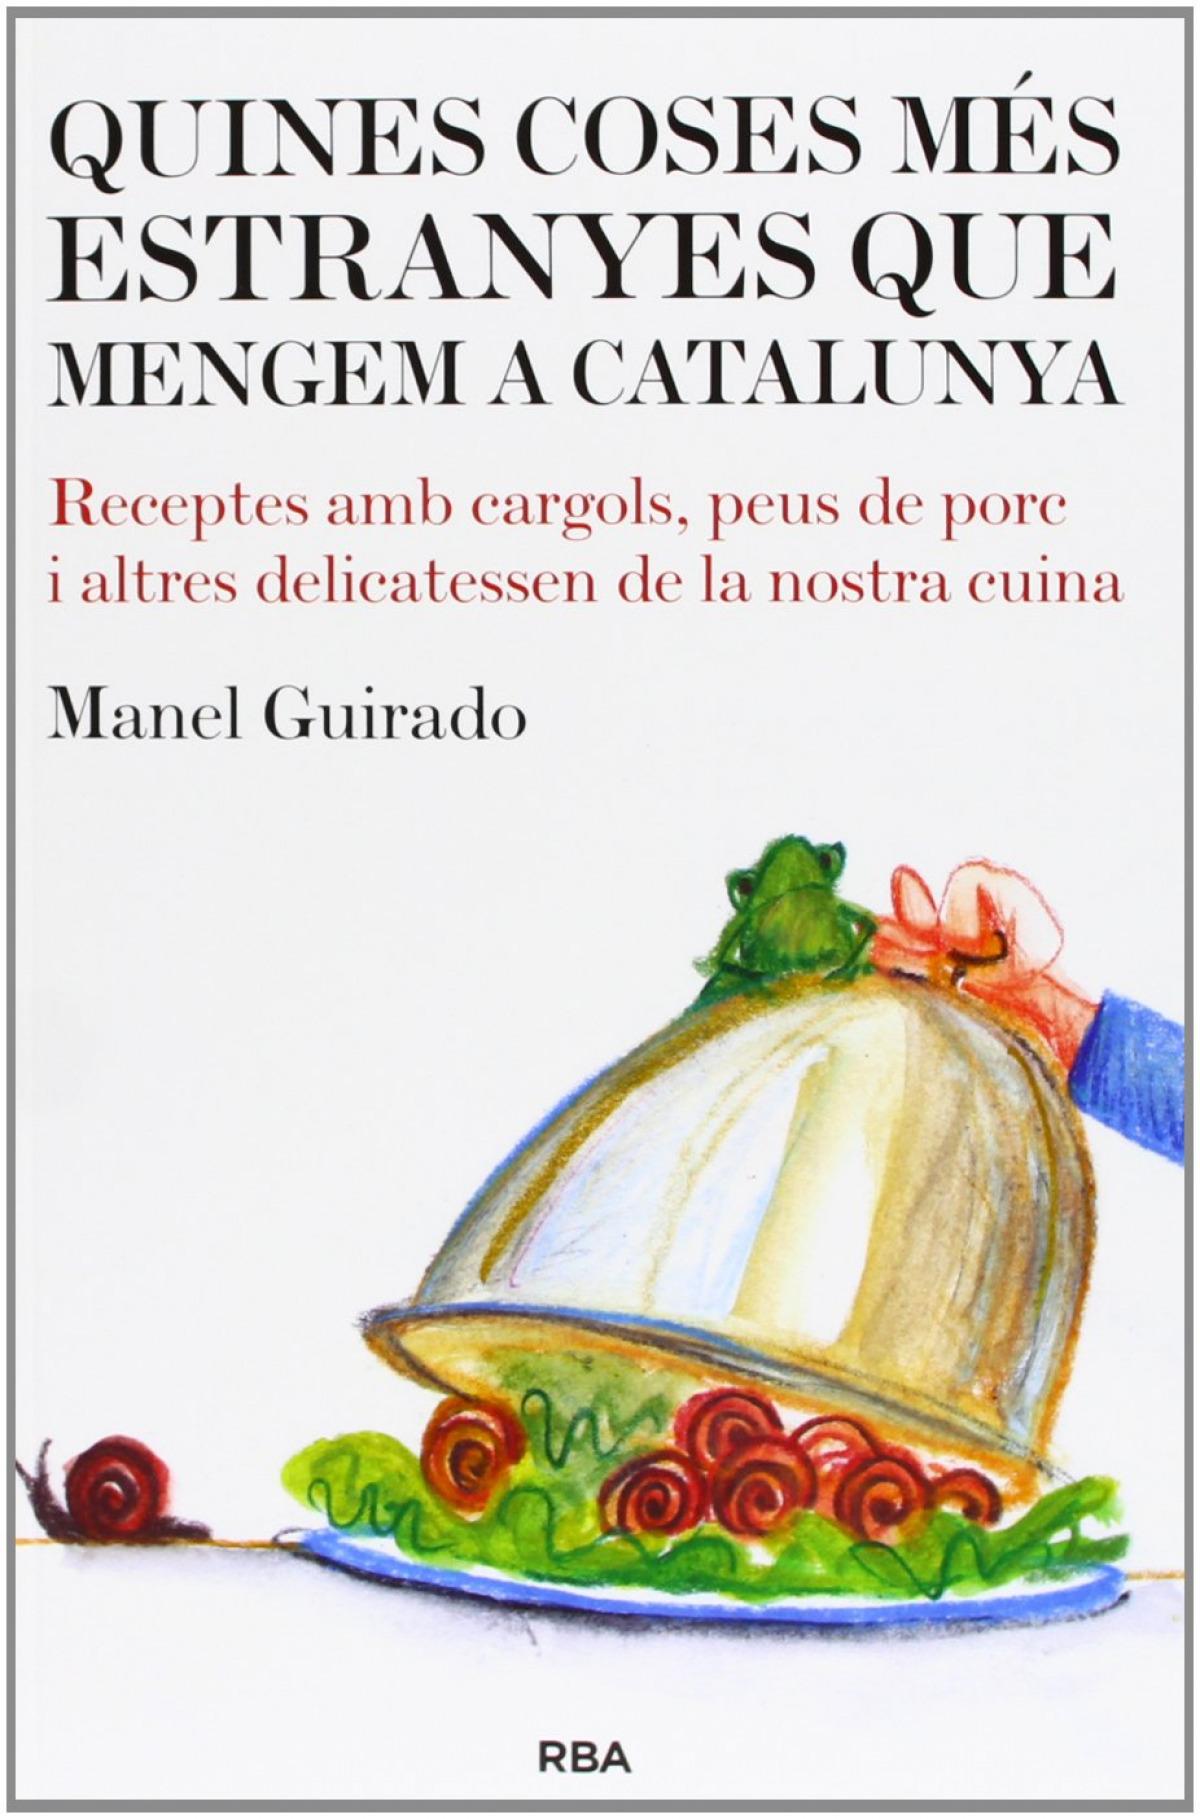 Quines coses mes estranyes que mengem a Catalunya